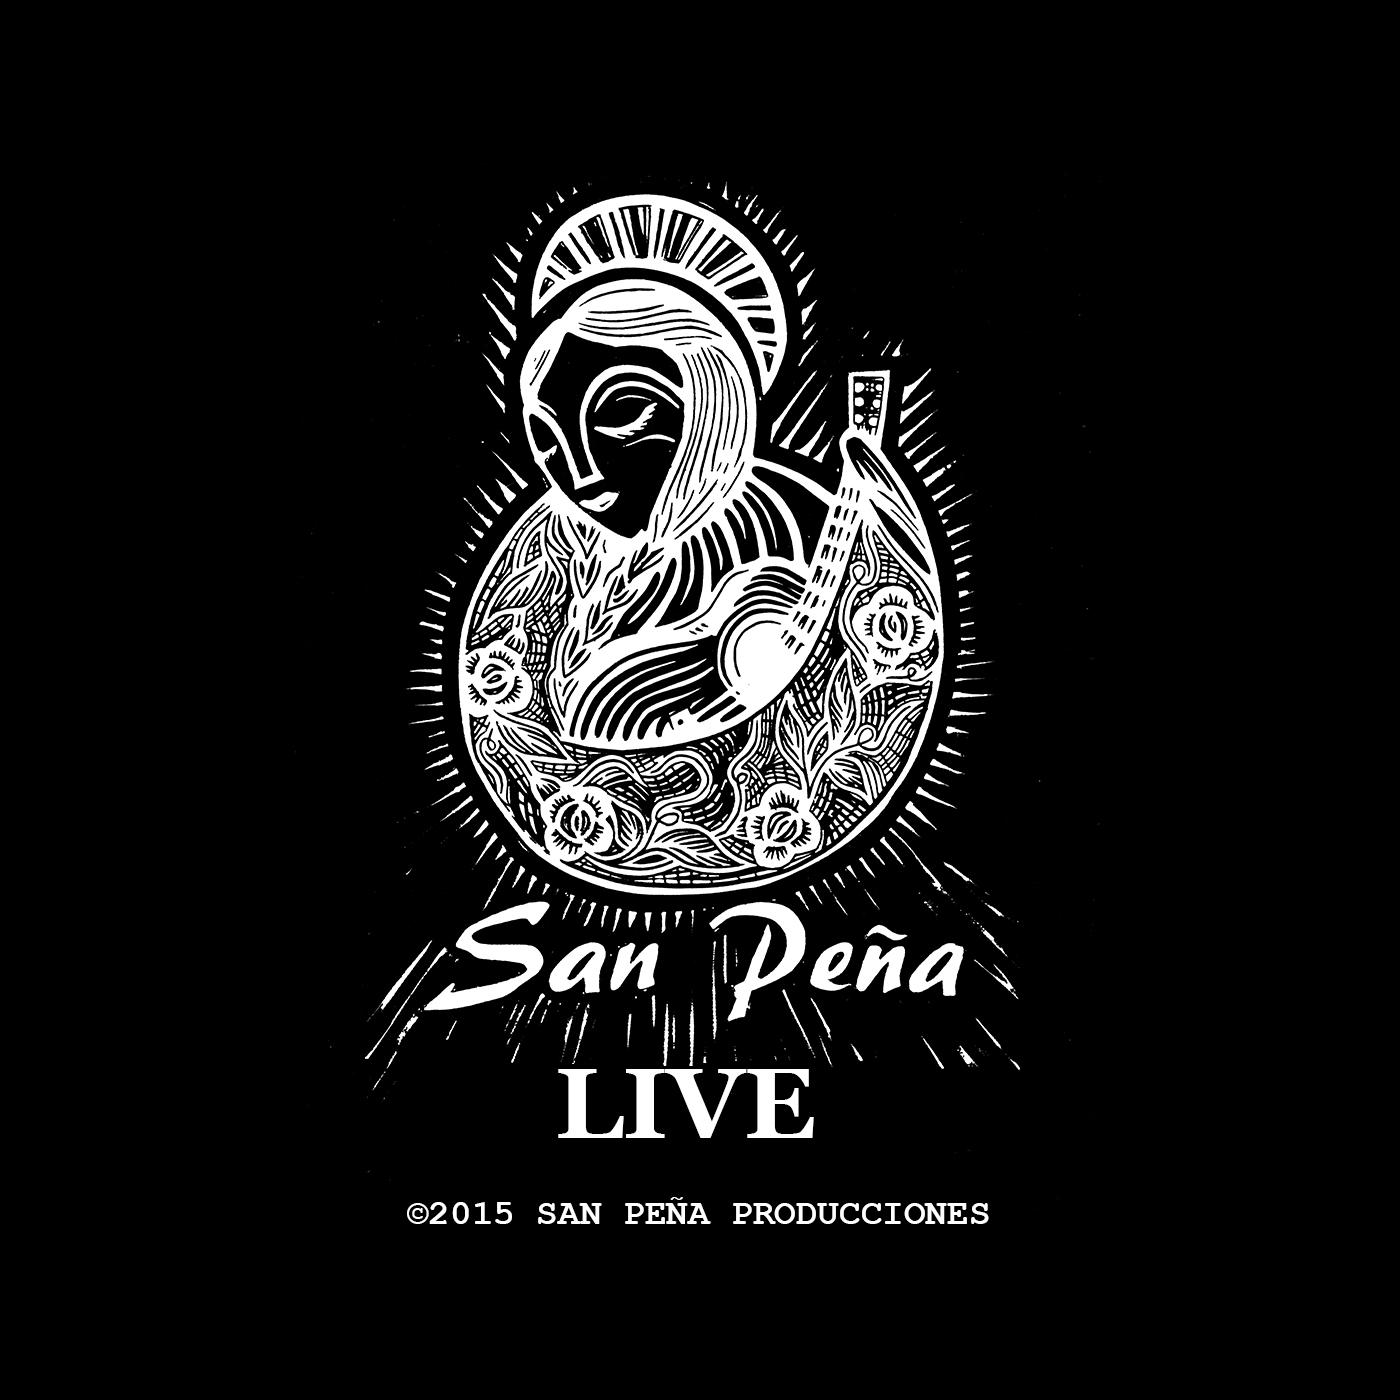 San Peña Live